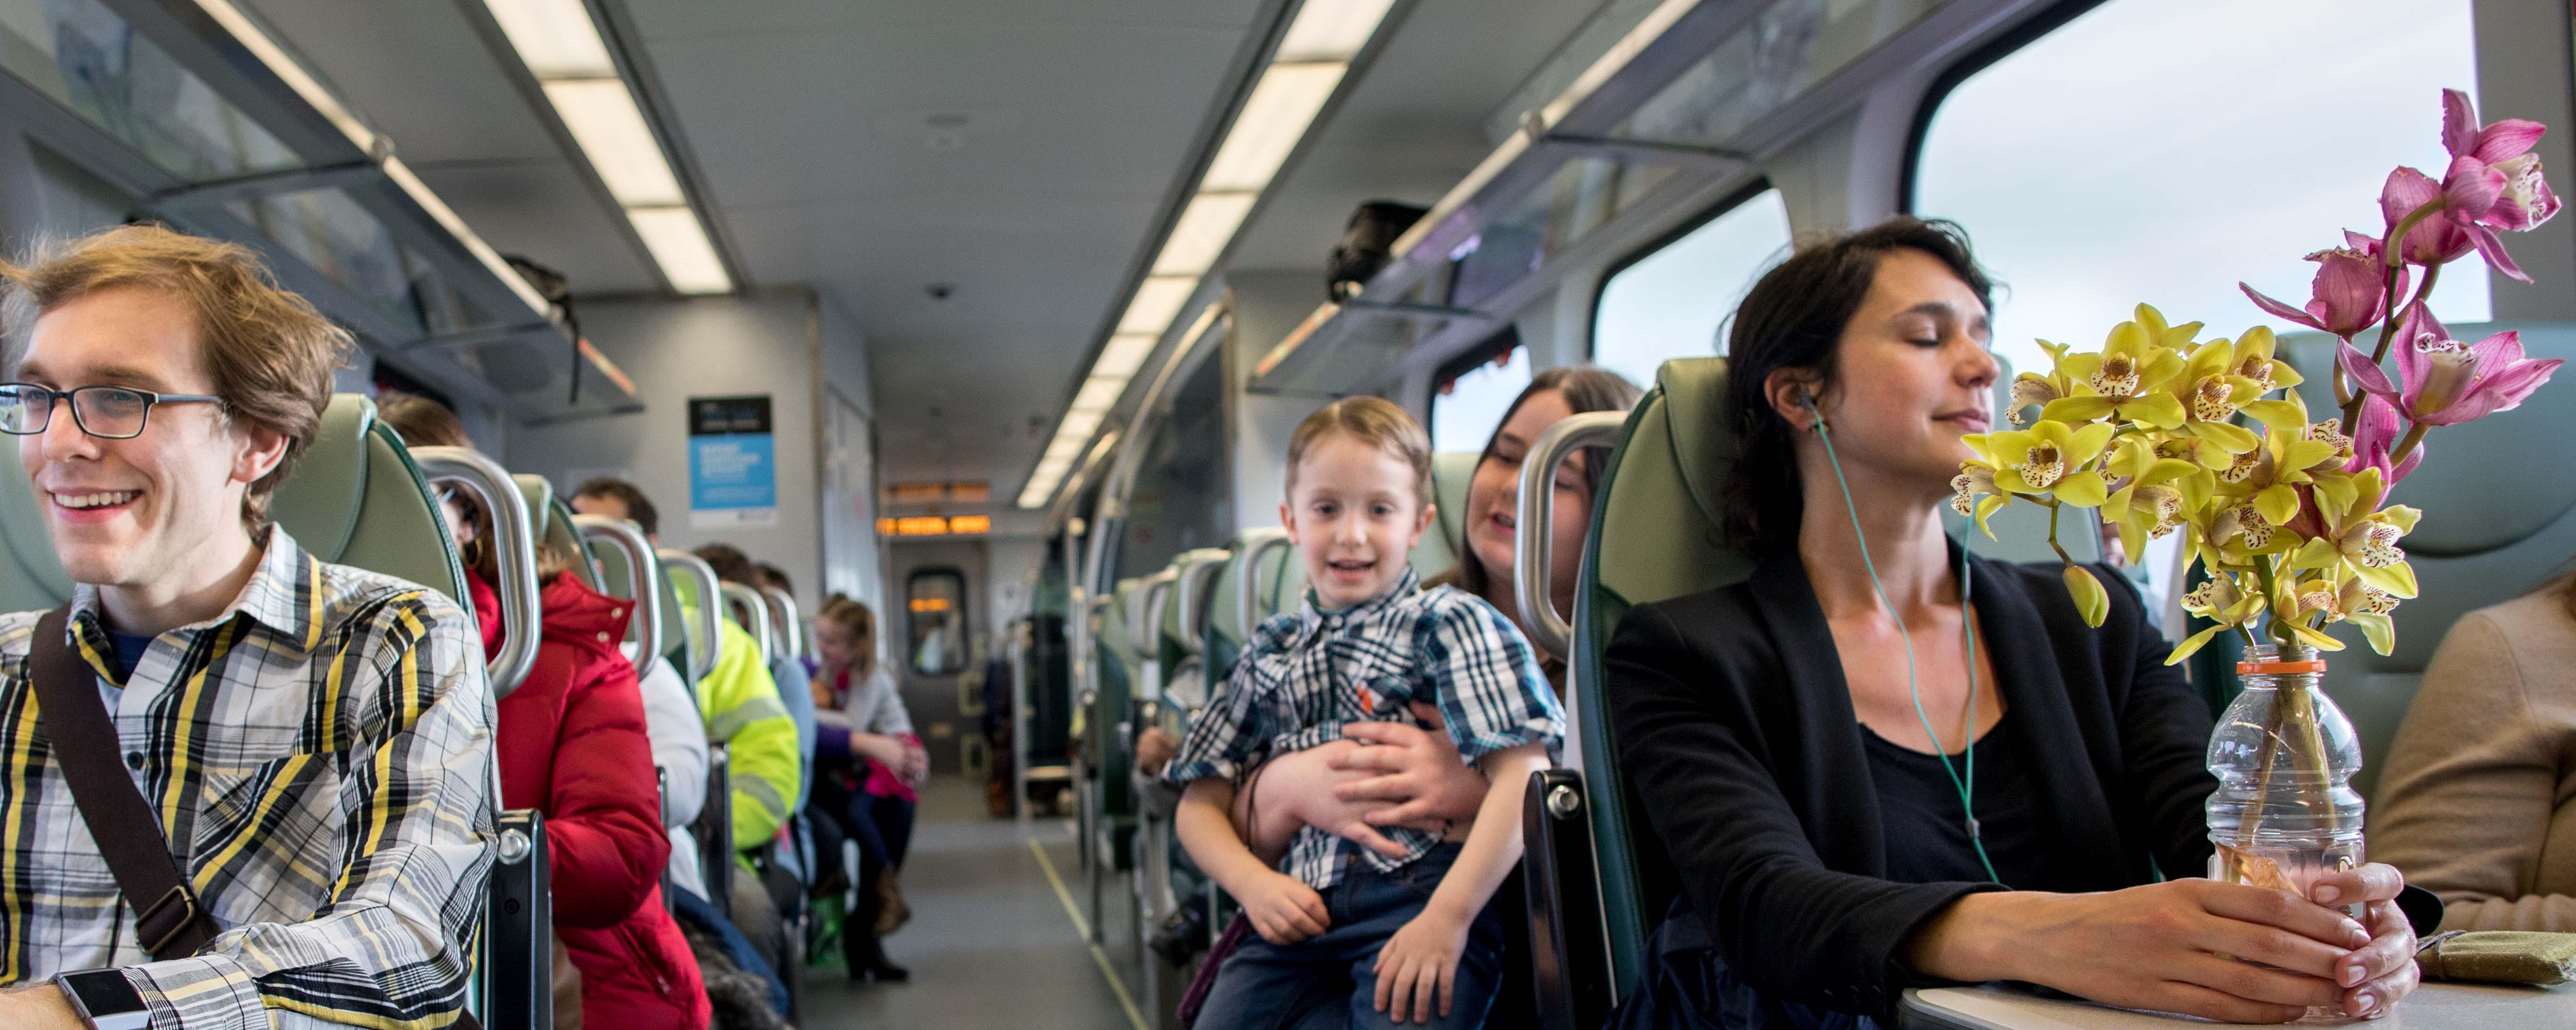 Riders onboard SMART train